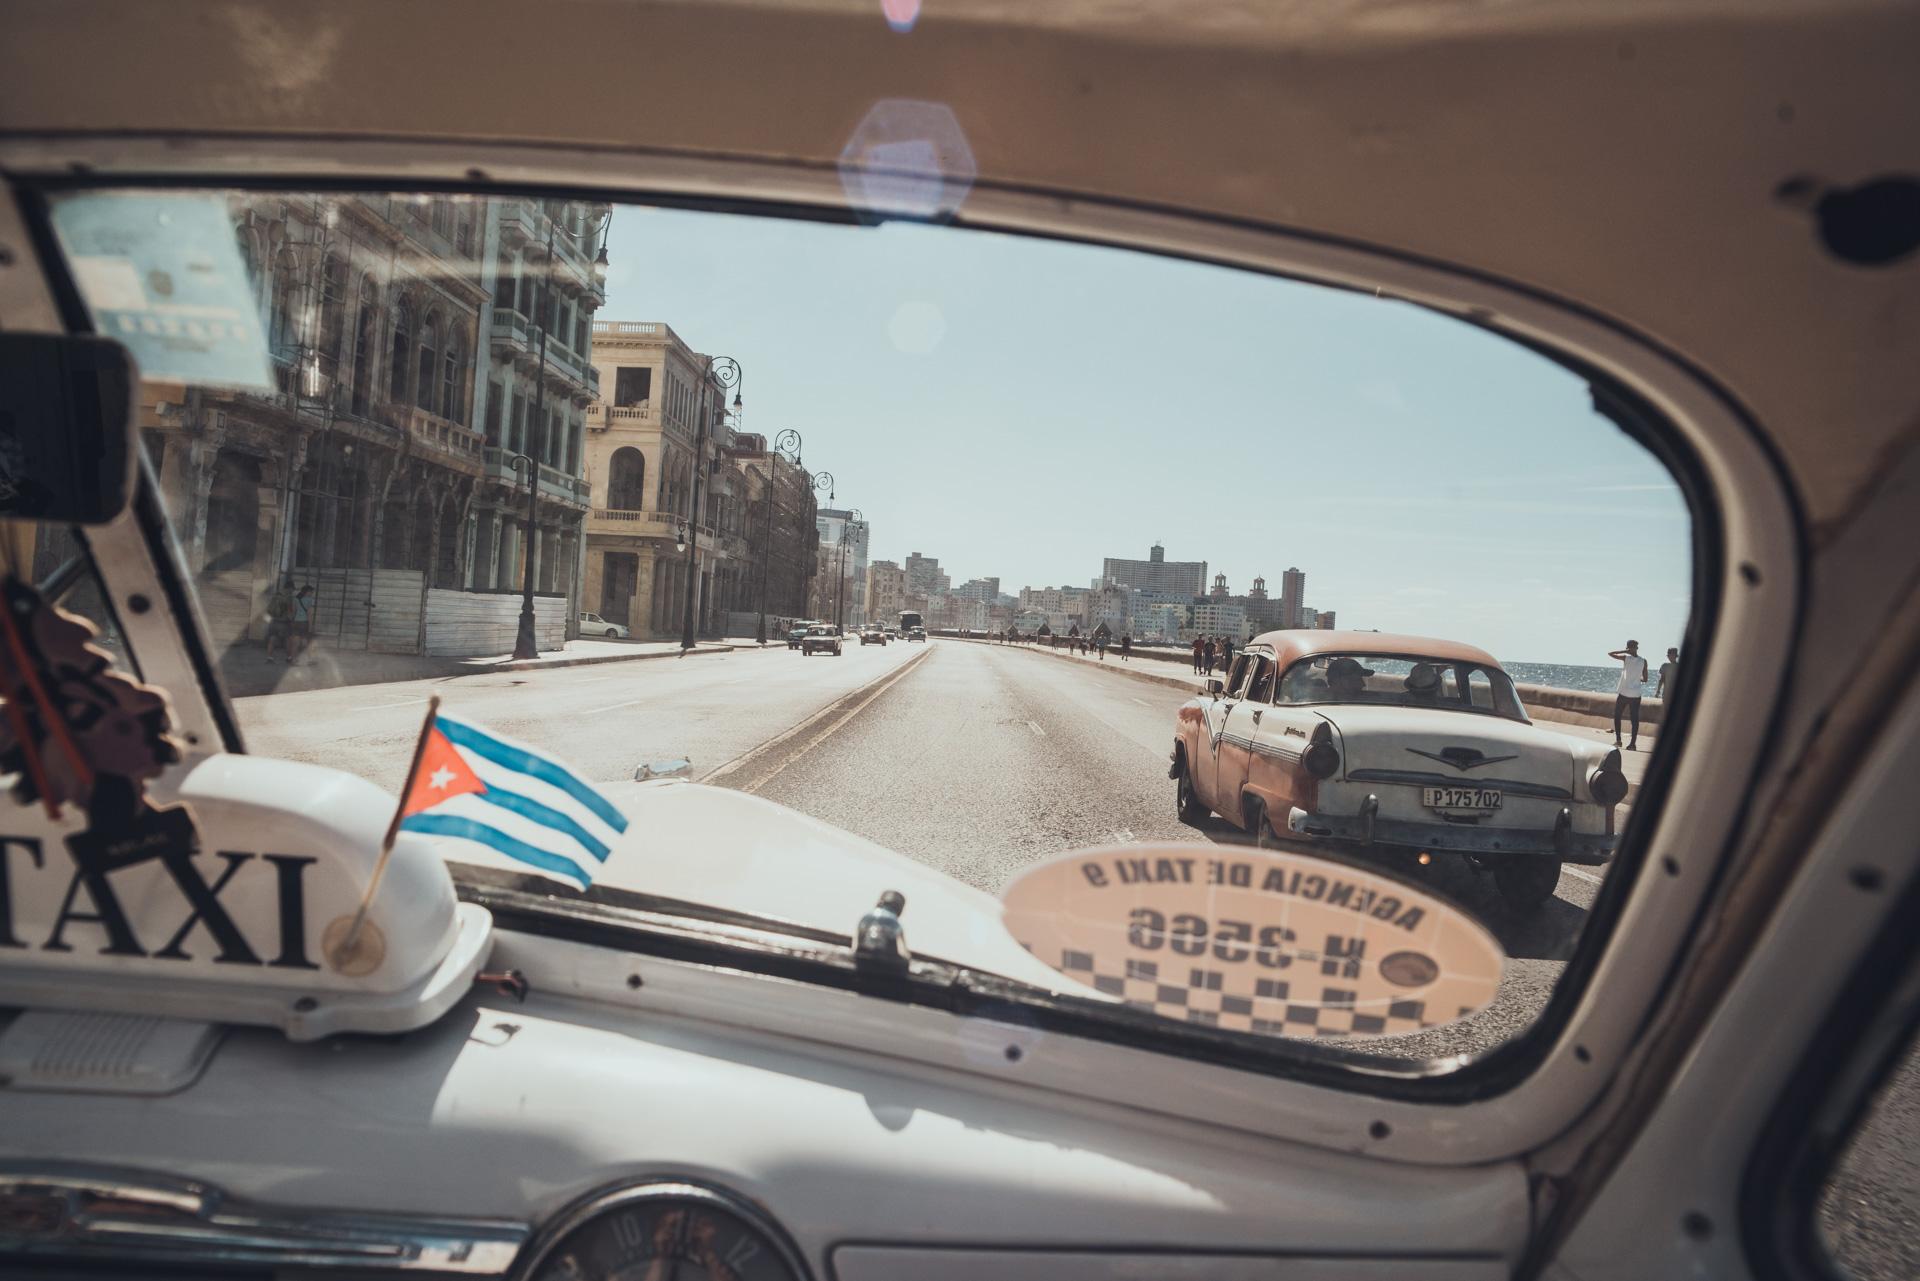 Cuba_StijnHoekstra-17.jpg